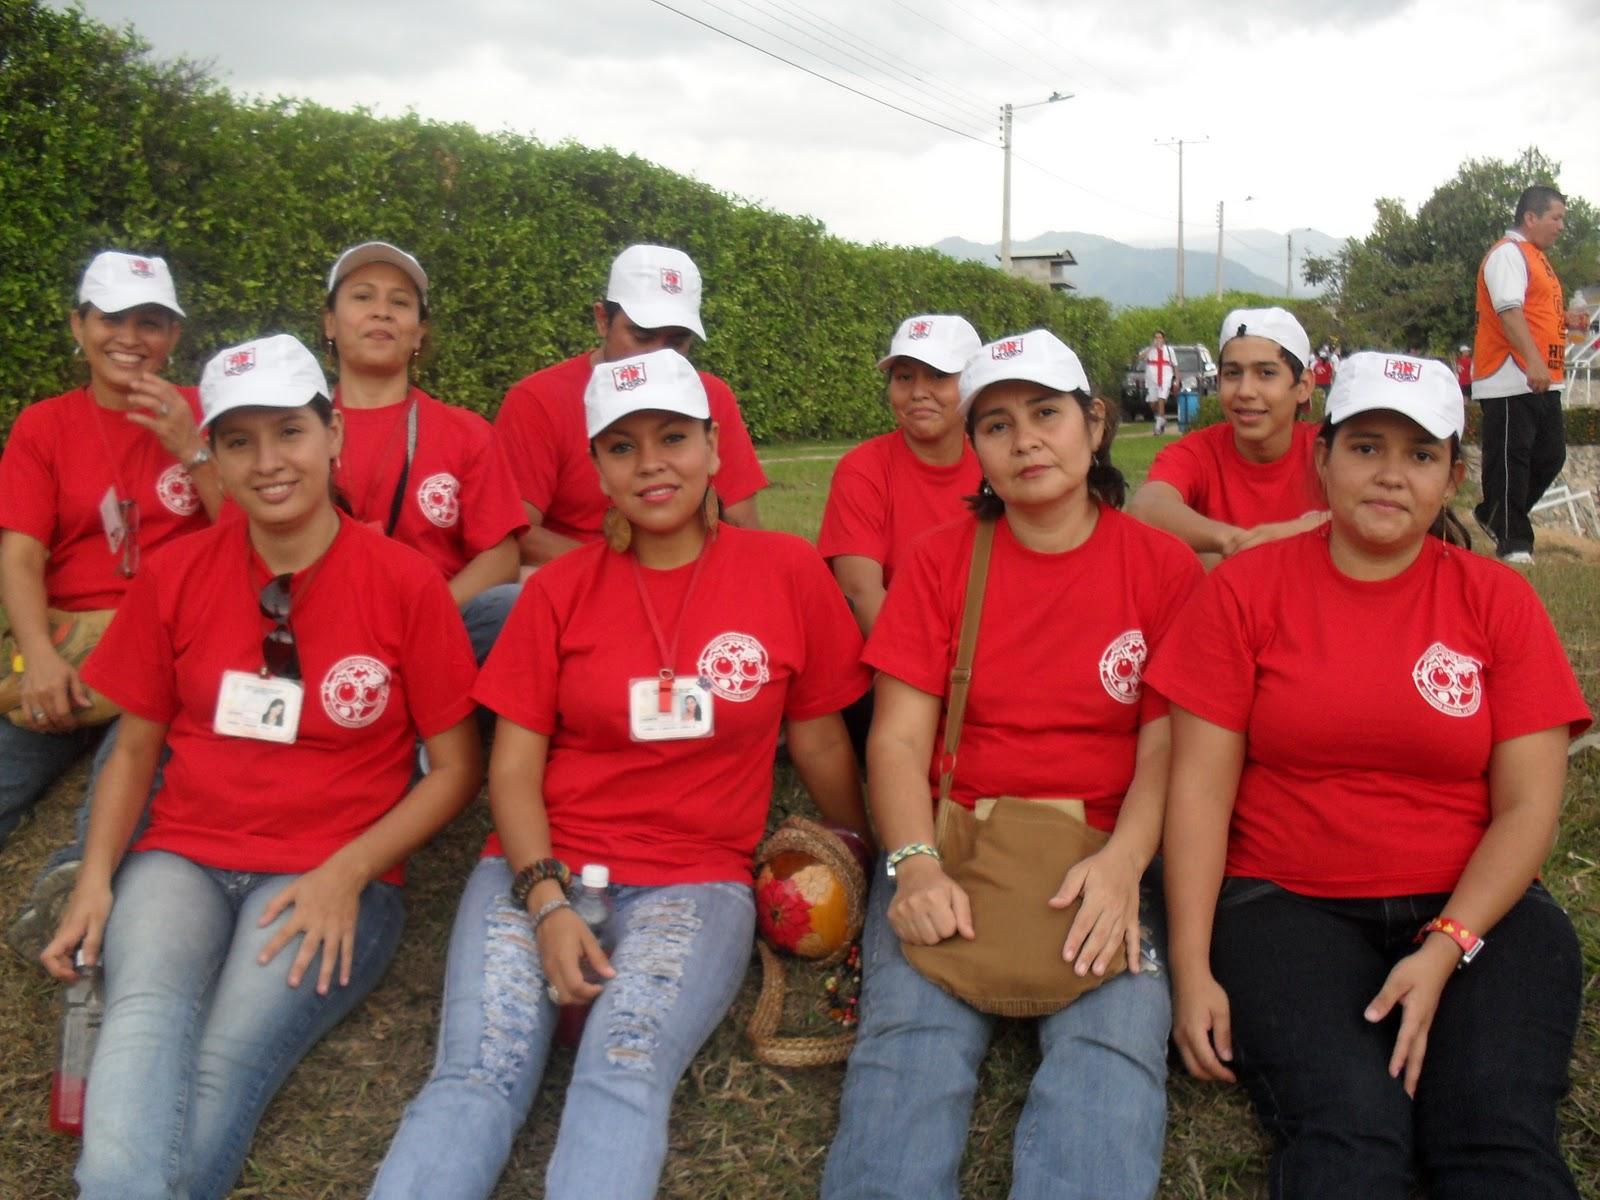 Colegio alegria del norte for Aberturas del norte pilar direccion